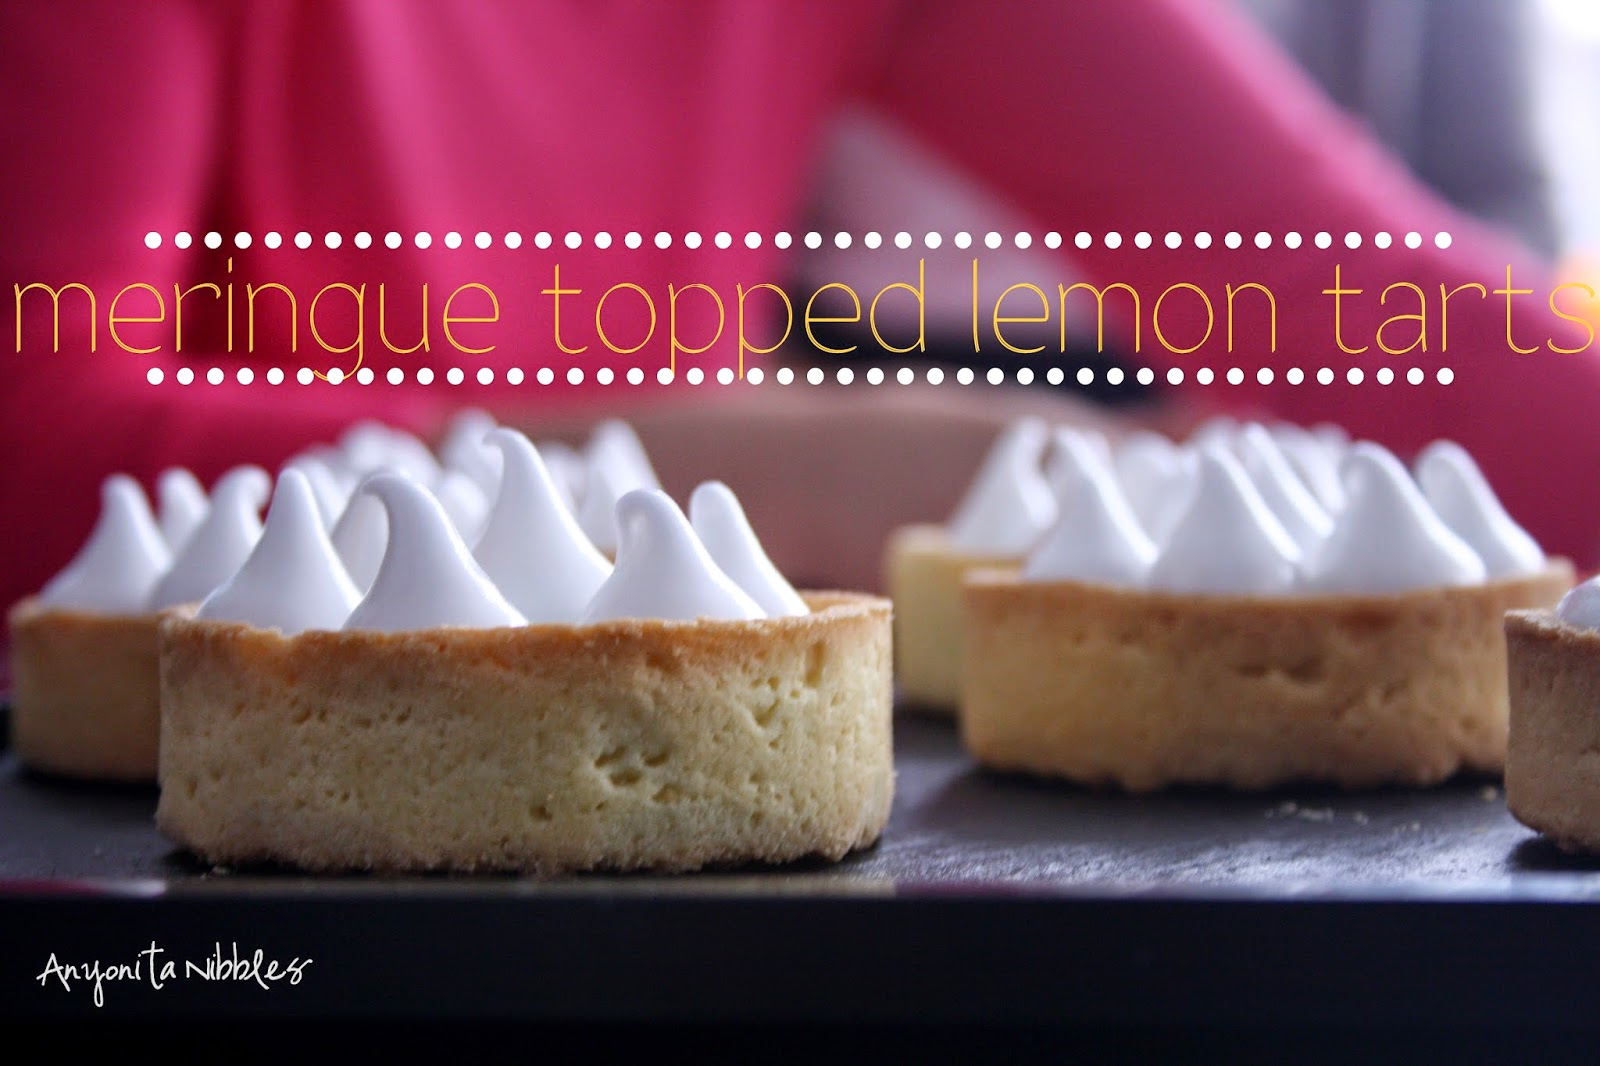 Meringue topped lemon tarts from Anyonita Nibbles